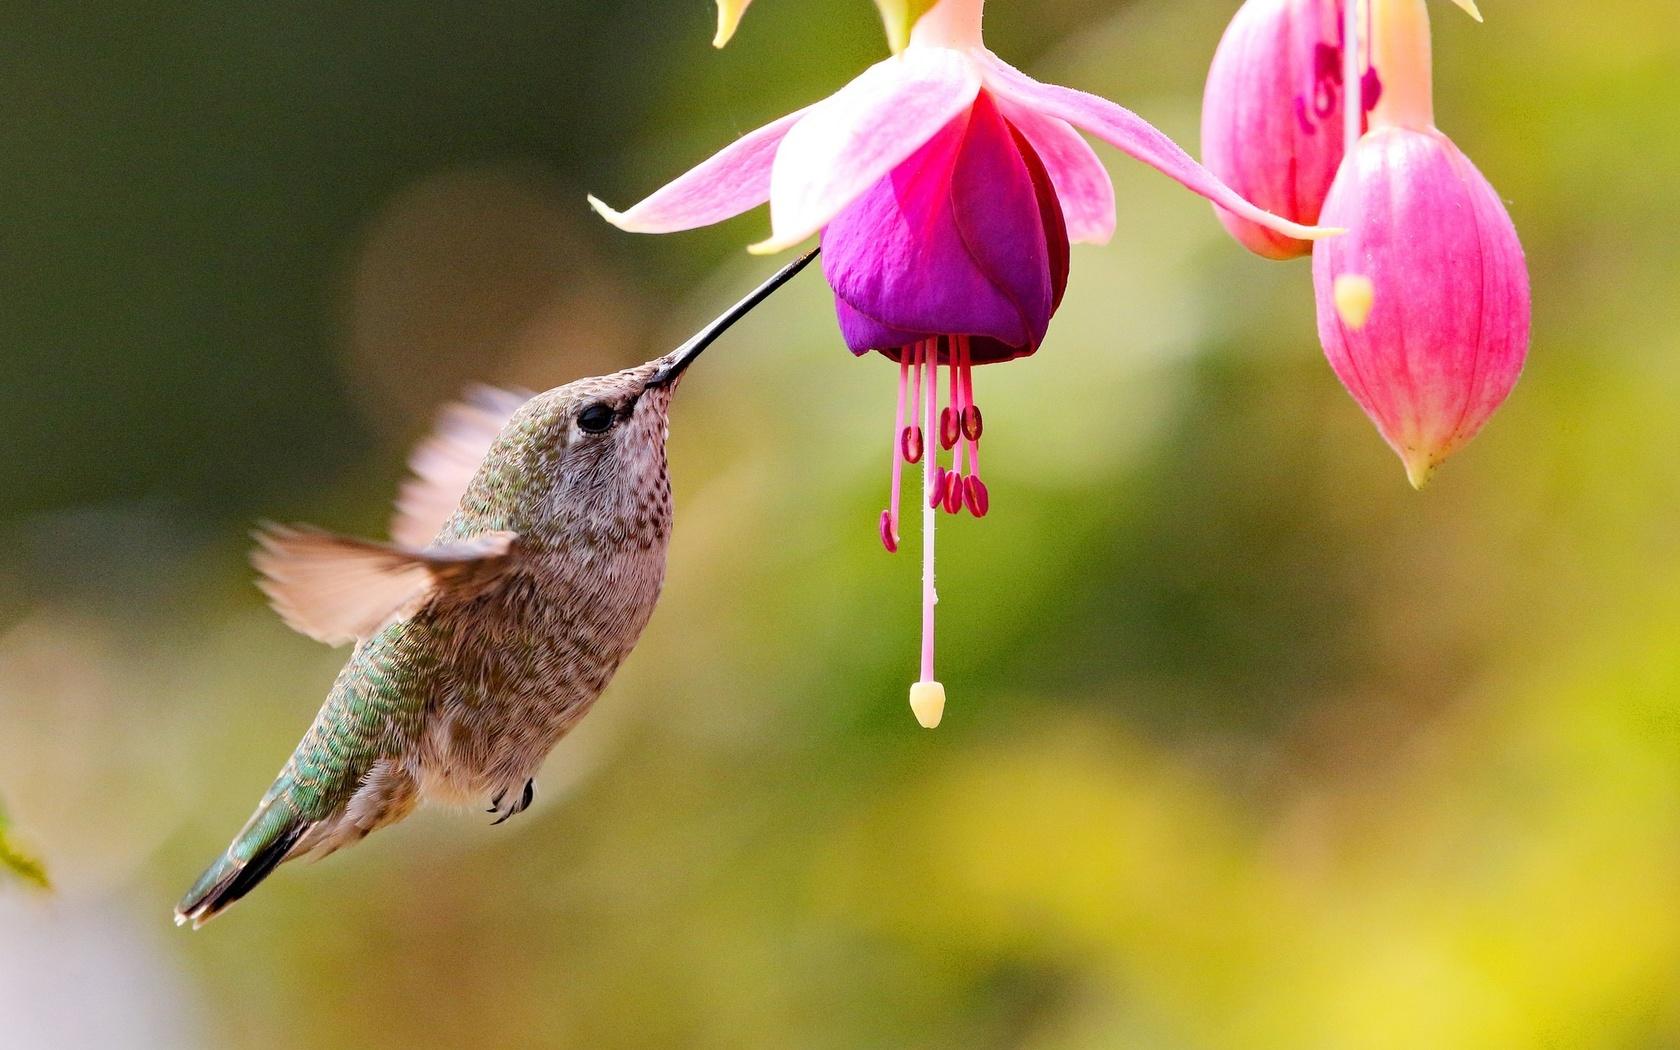 основал птица с цветком картинки того, как